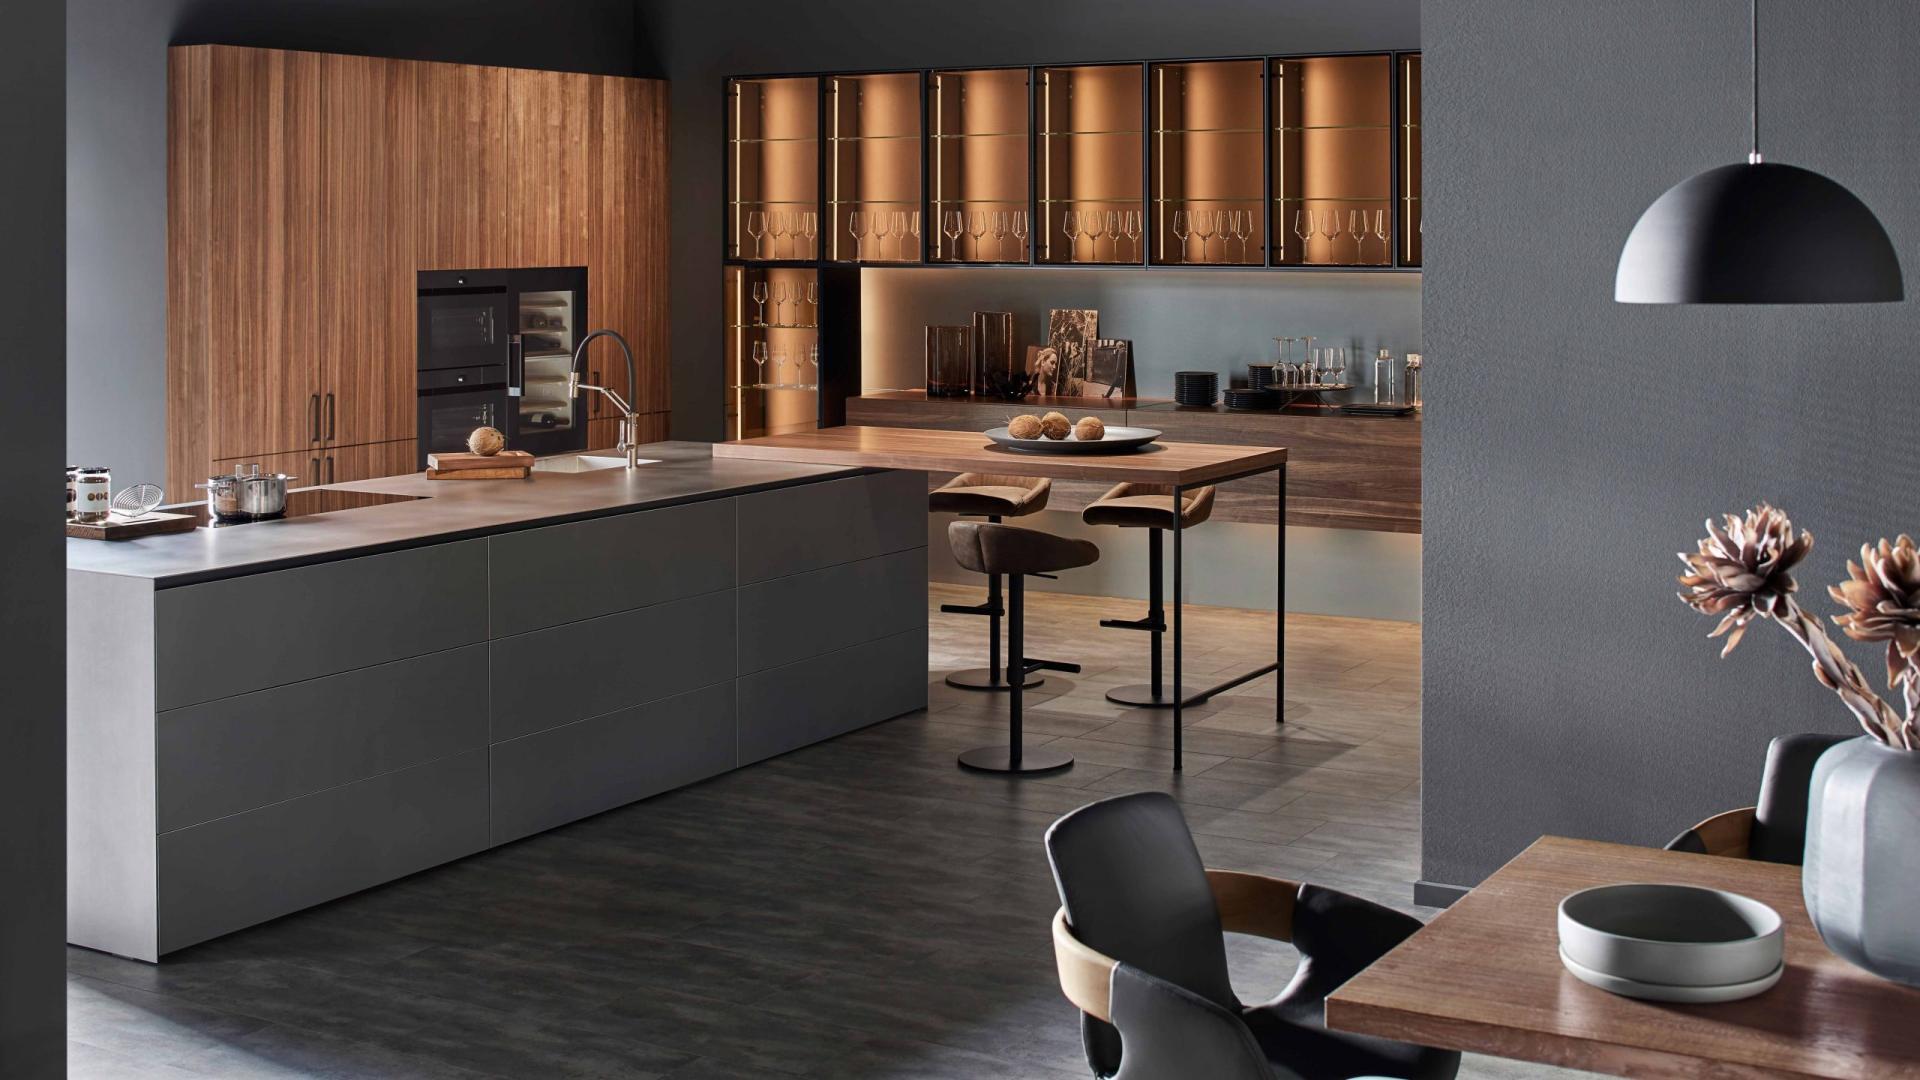 Warendorf Designküche Miele Center Küchenstudio Markant Dornbirn